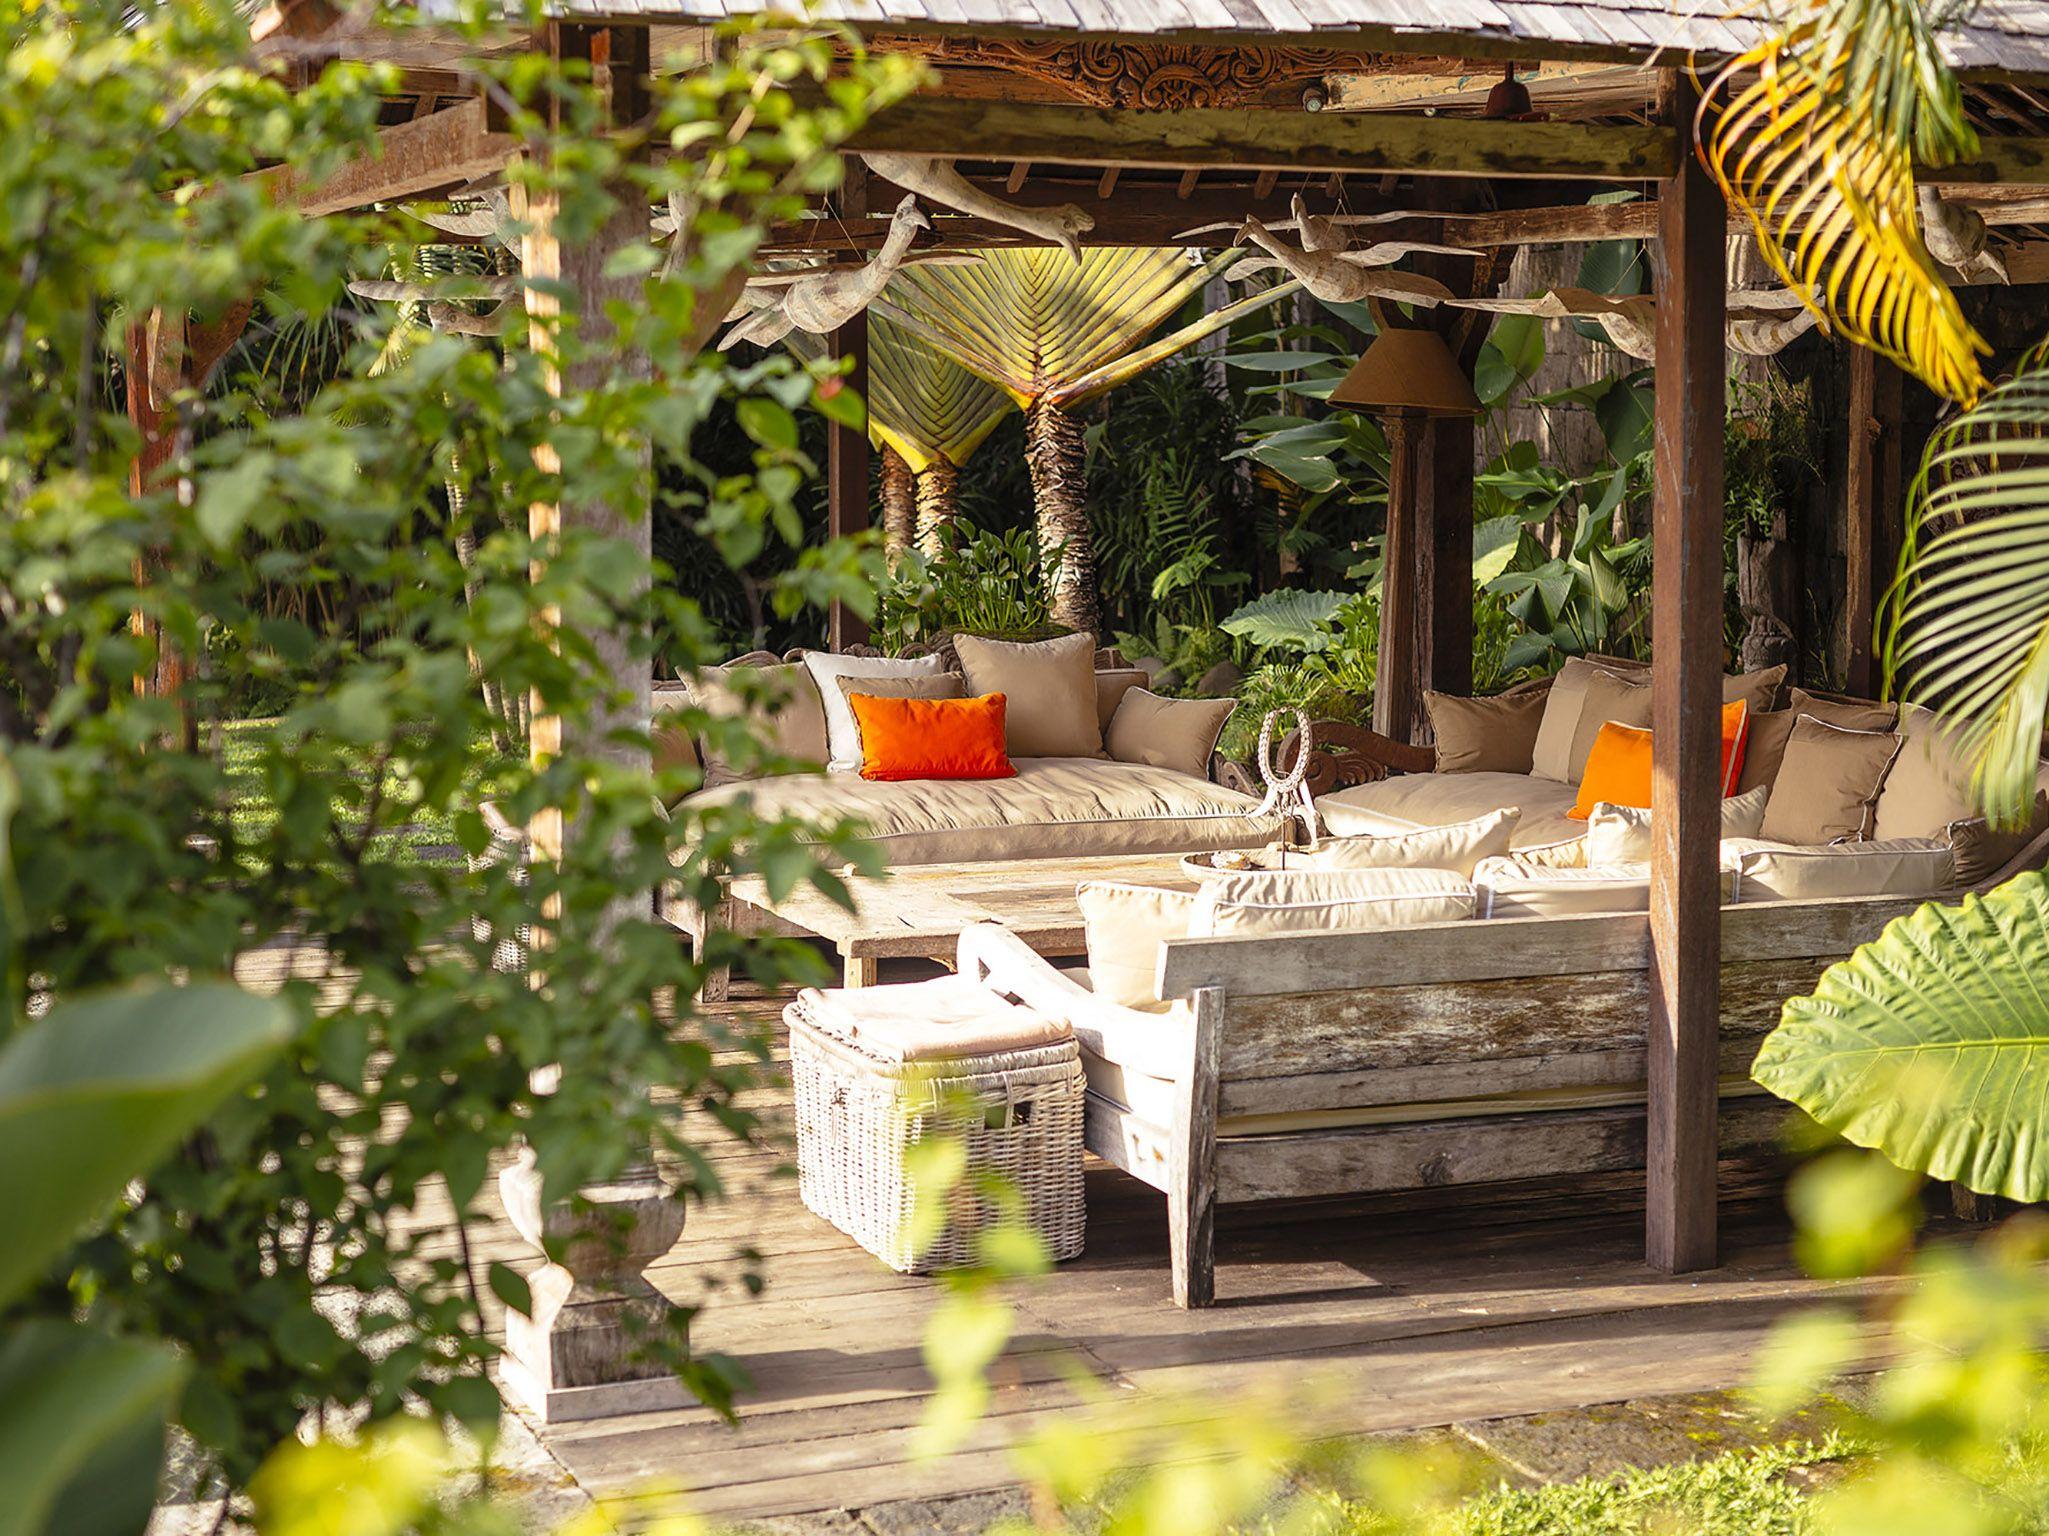 Villa Zelie Outdoor Living Area Luxury Vacation Rentals Luxury Vacation Luxury Villa Rentals Backyard garden for rent